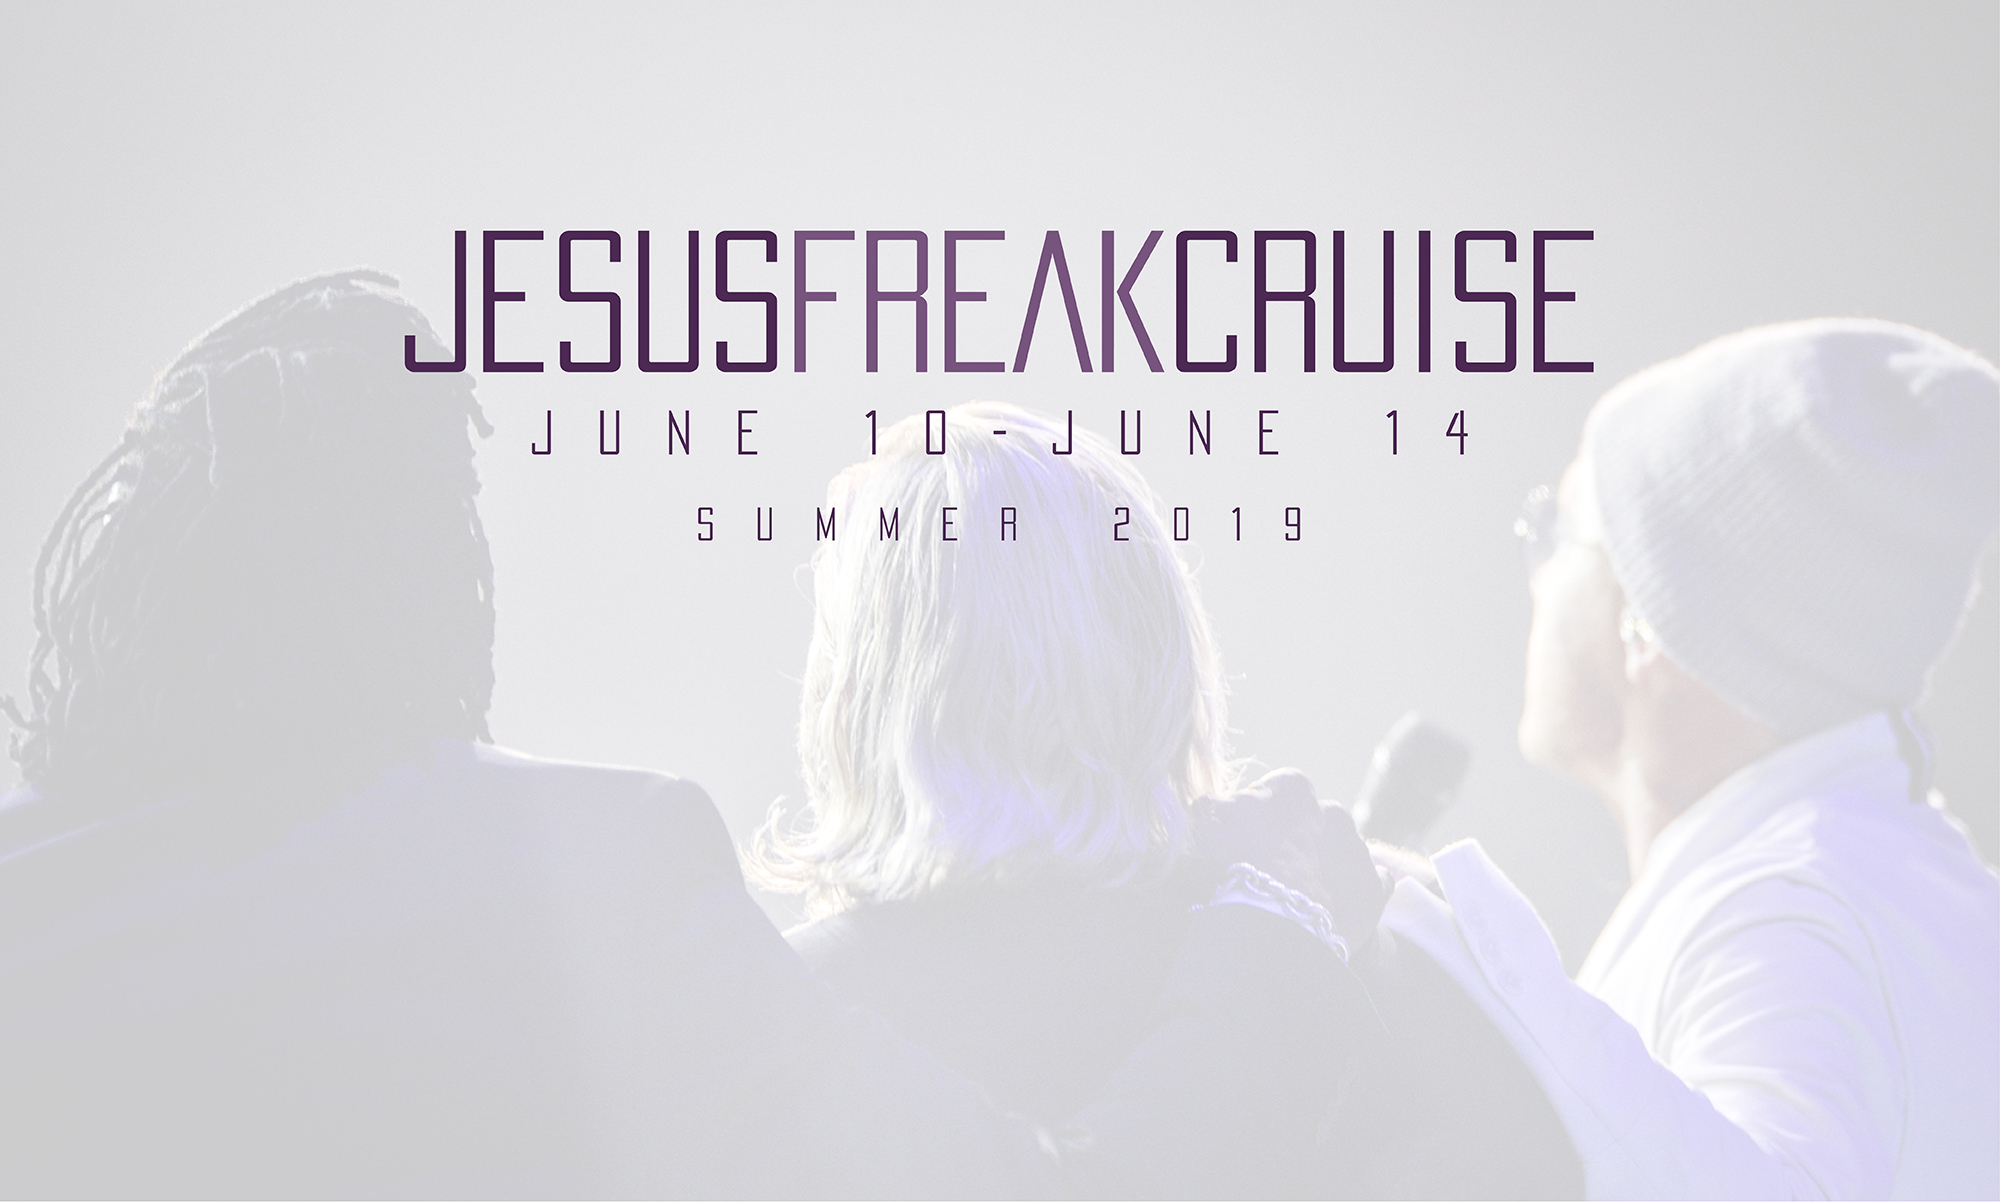 DC Talk - Jesus Freak Cruise 2019